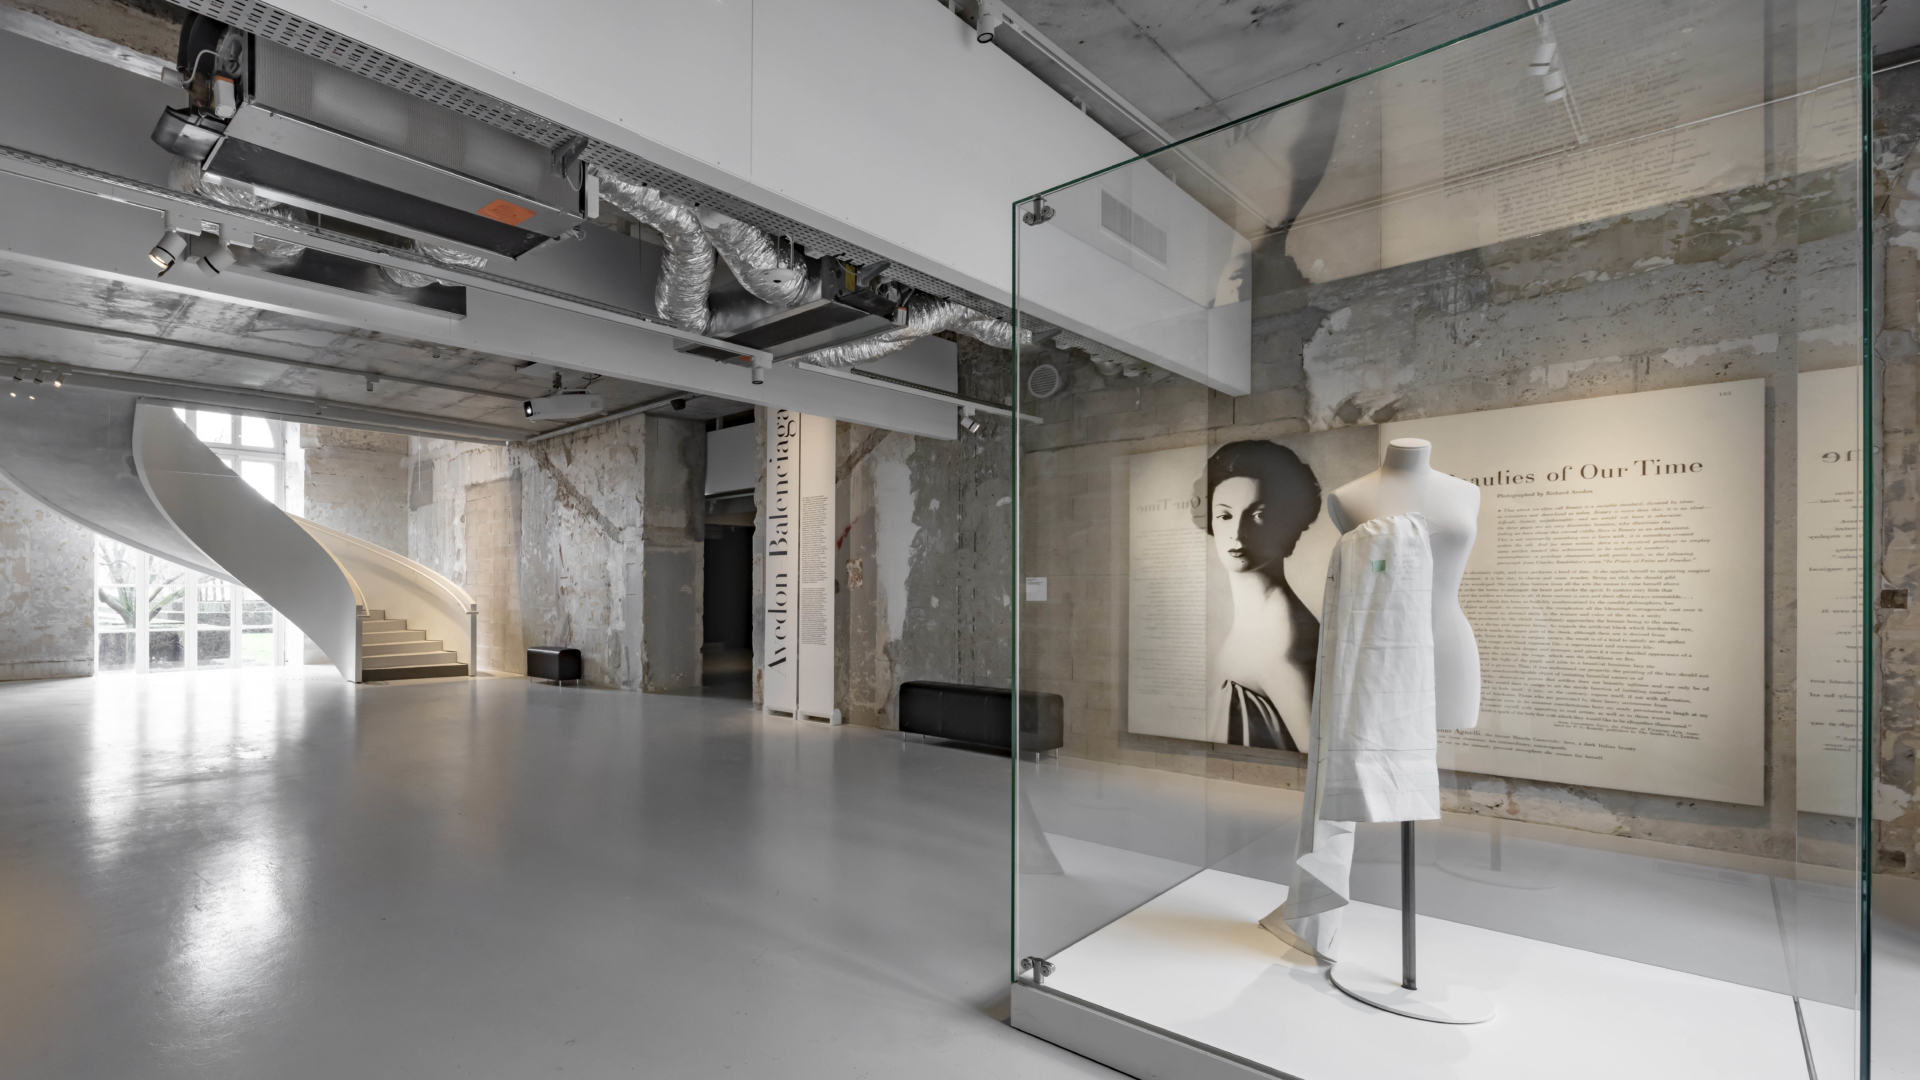 escalier sur mesure musée des arts décoratifs paris